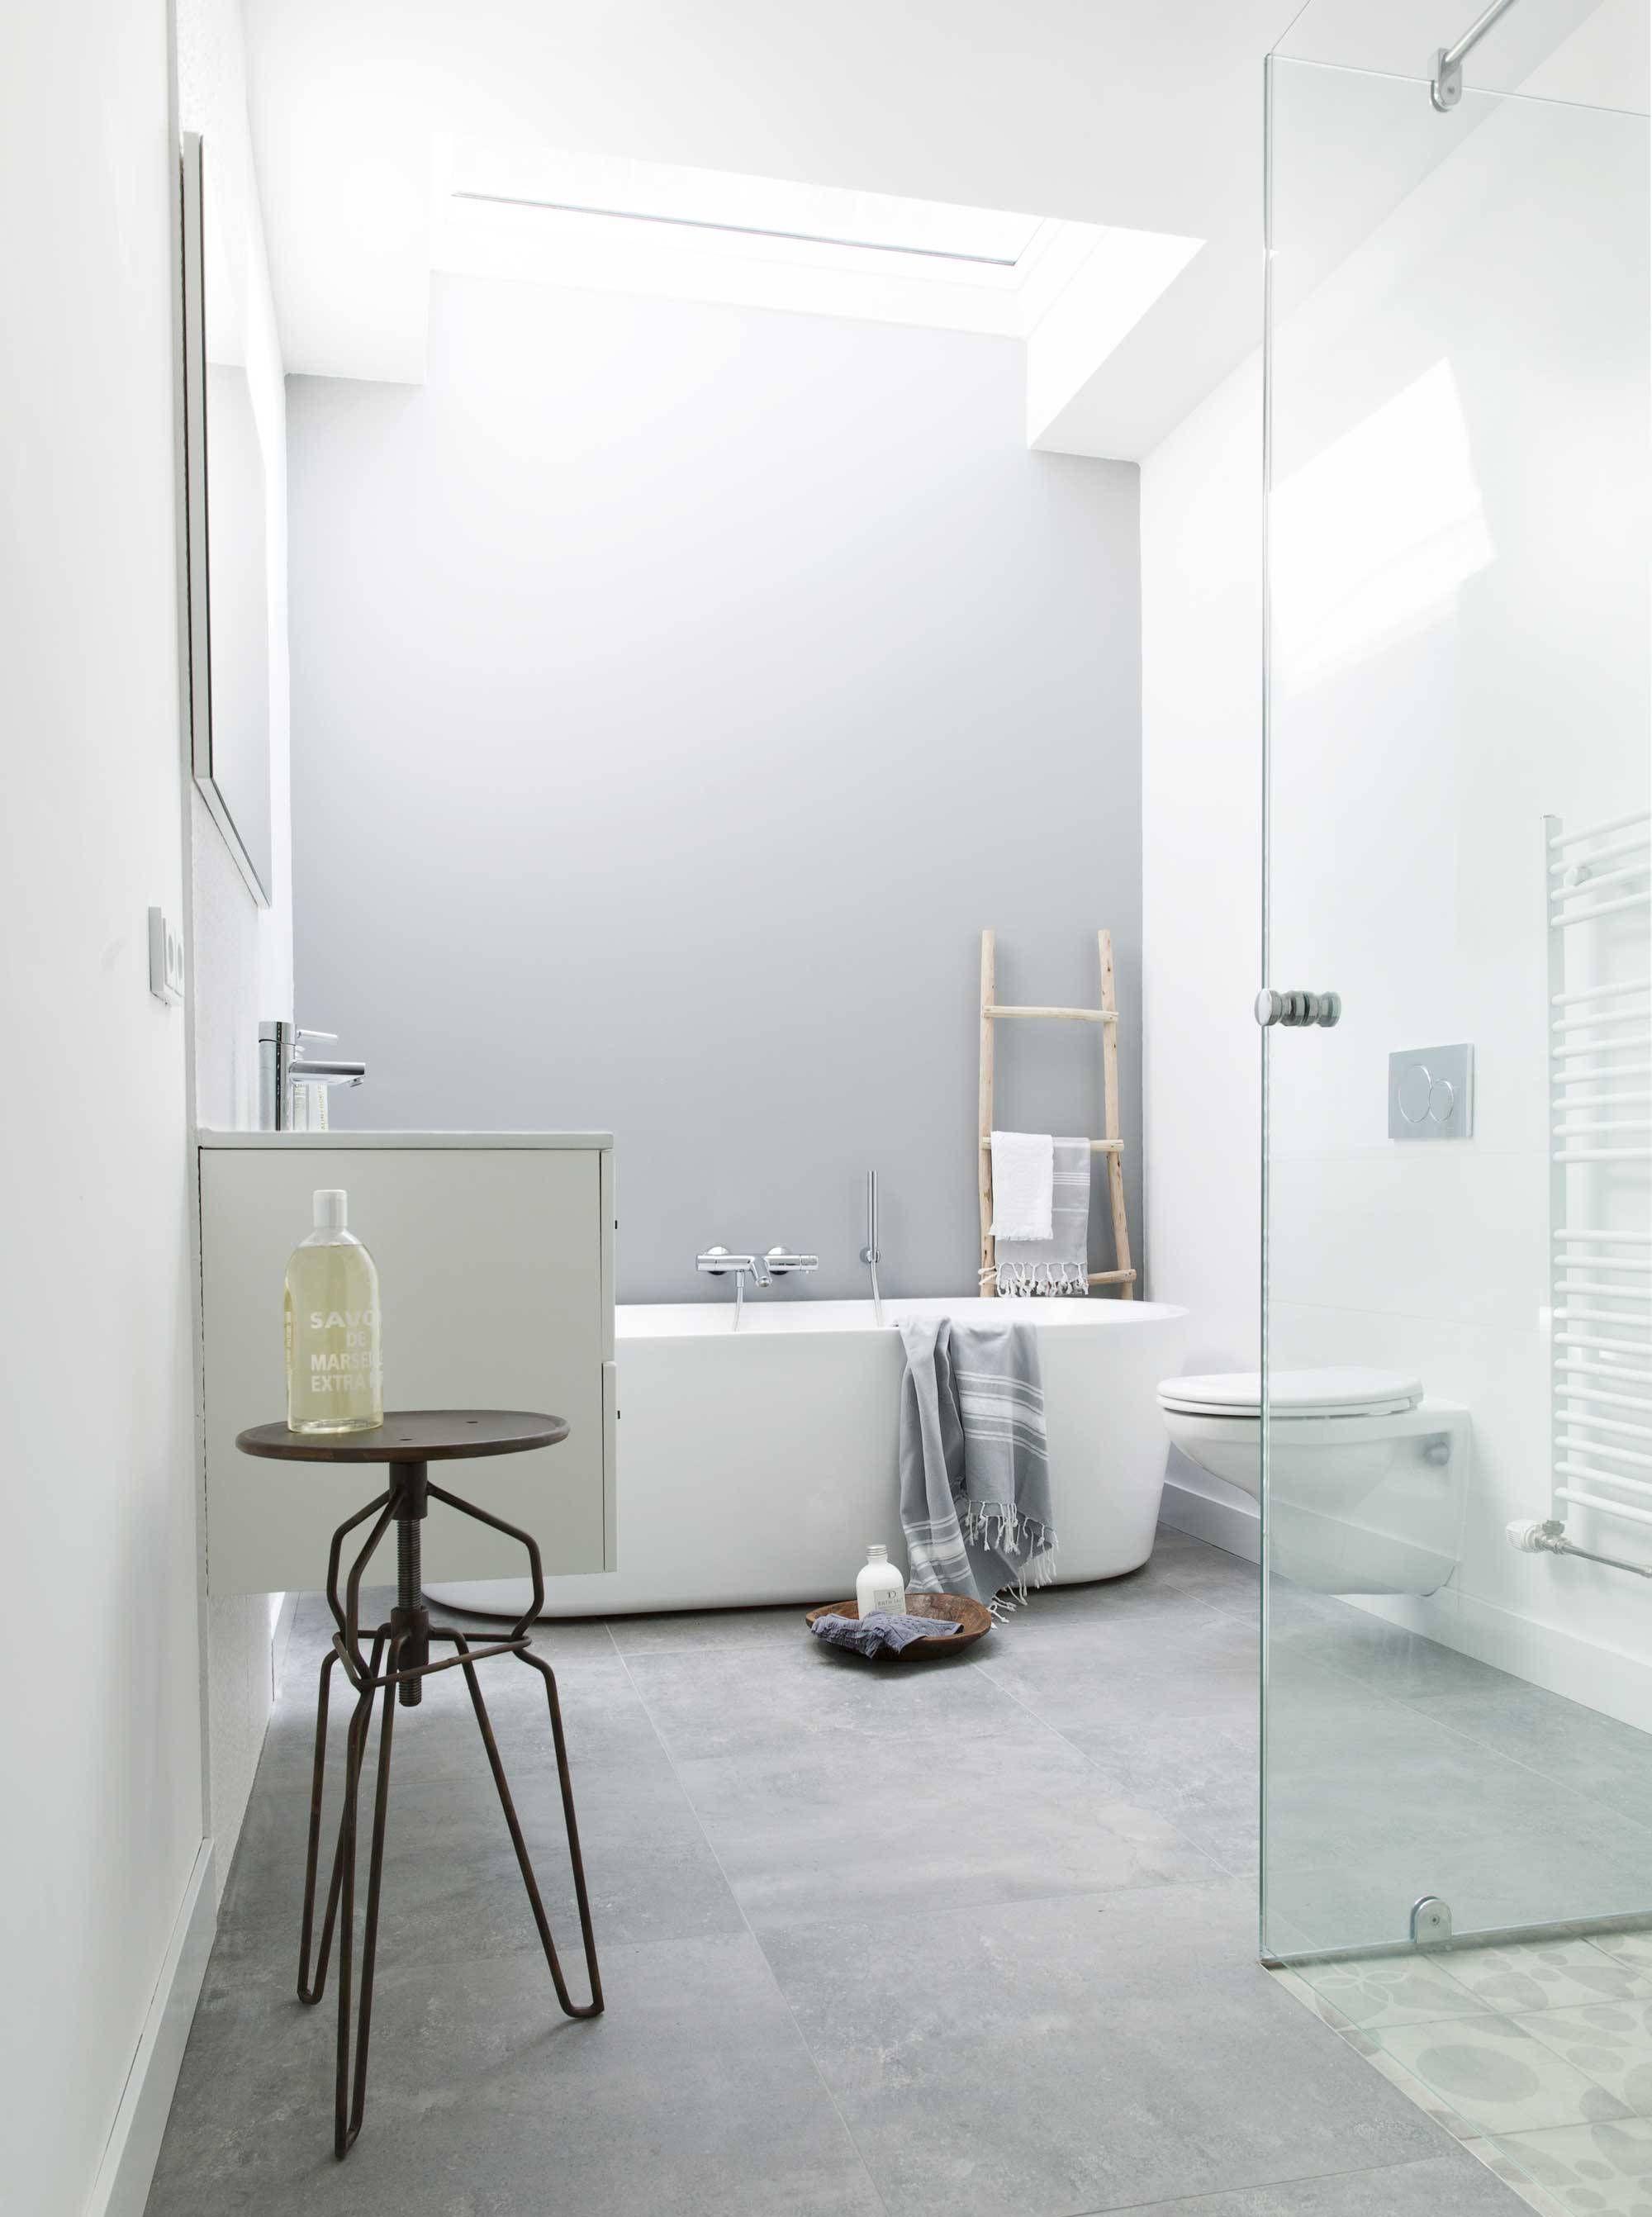 Salle de bain et toilettes combinées - spacieuses et fonctionnelles